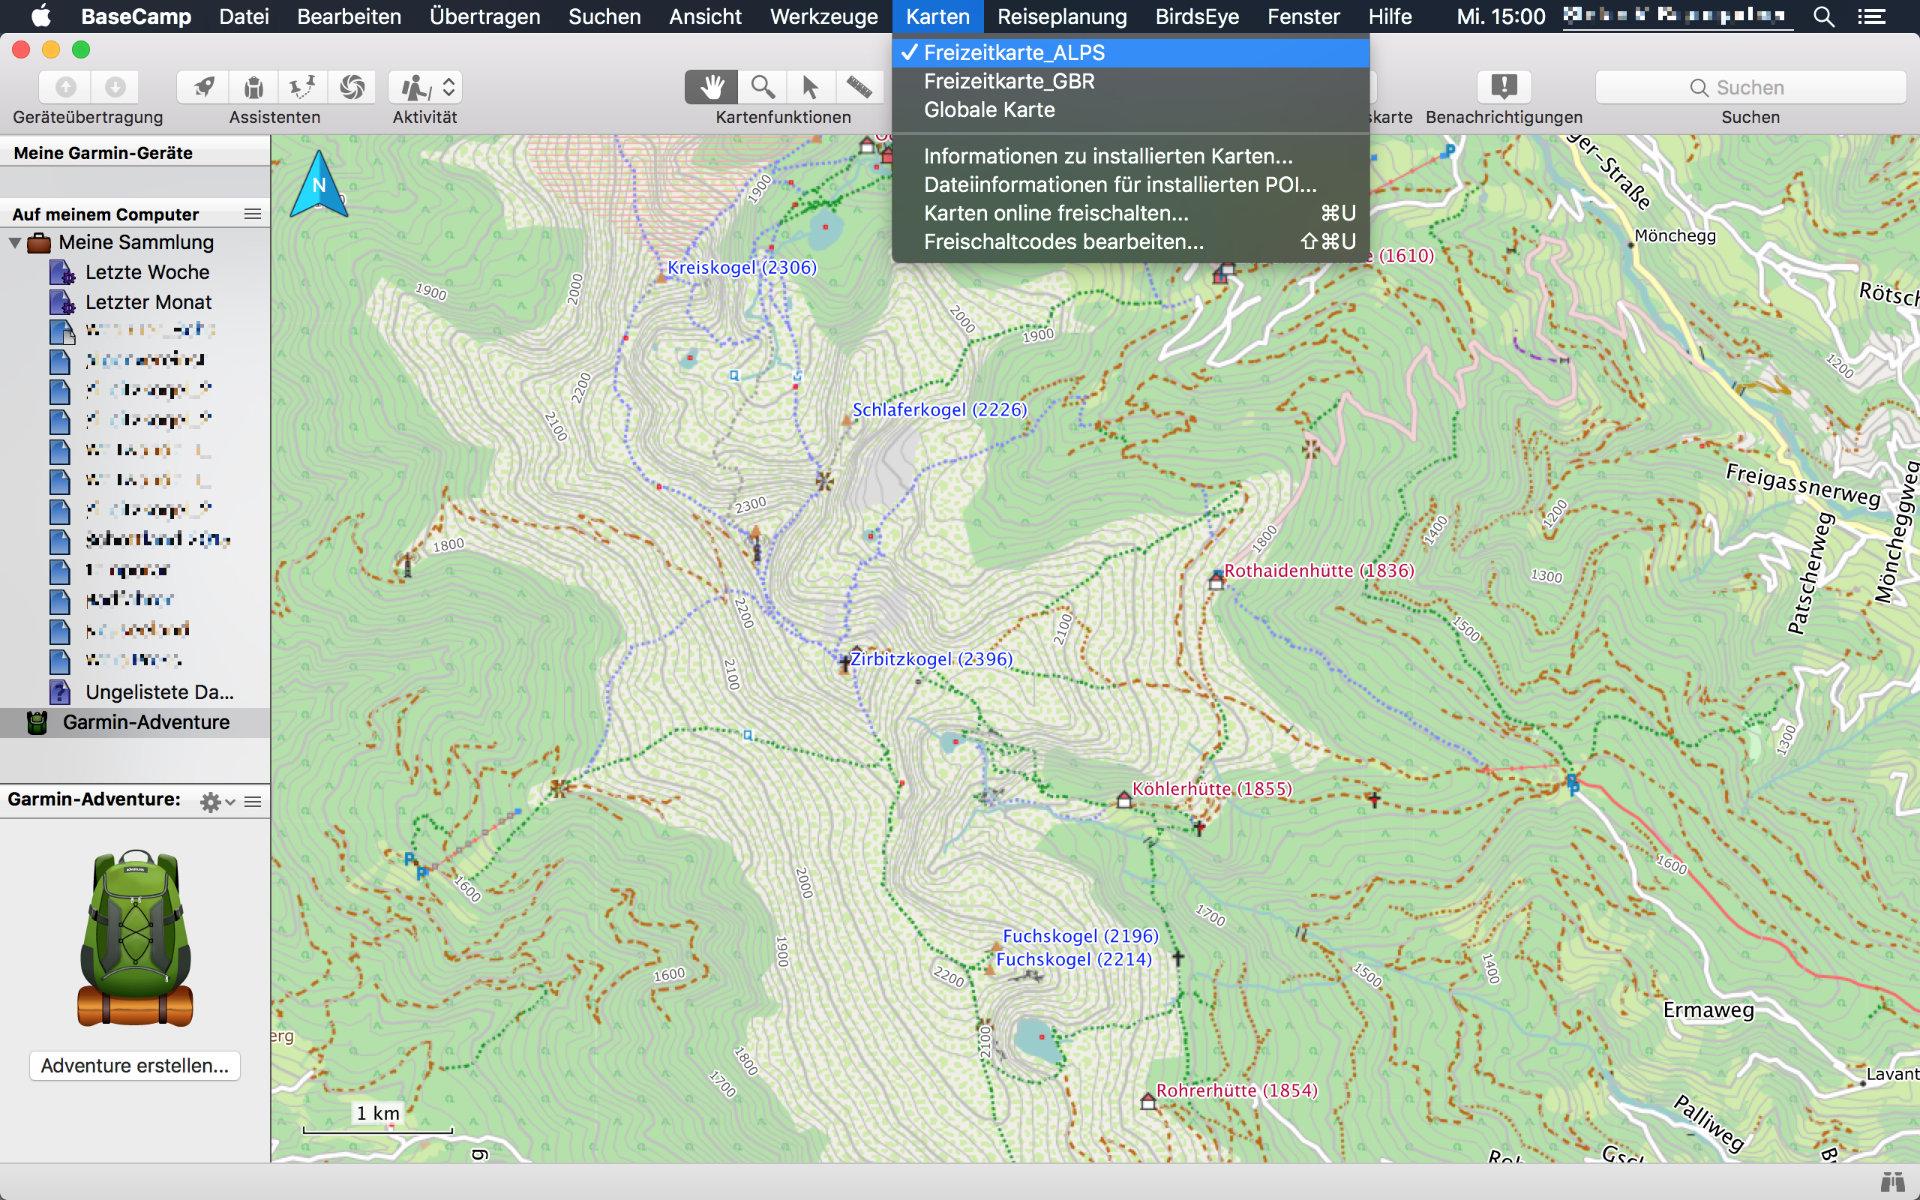 Screenshot von Garmin BaseCamp mit ausgewählter Freizeitkarte der Alpenregion